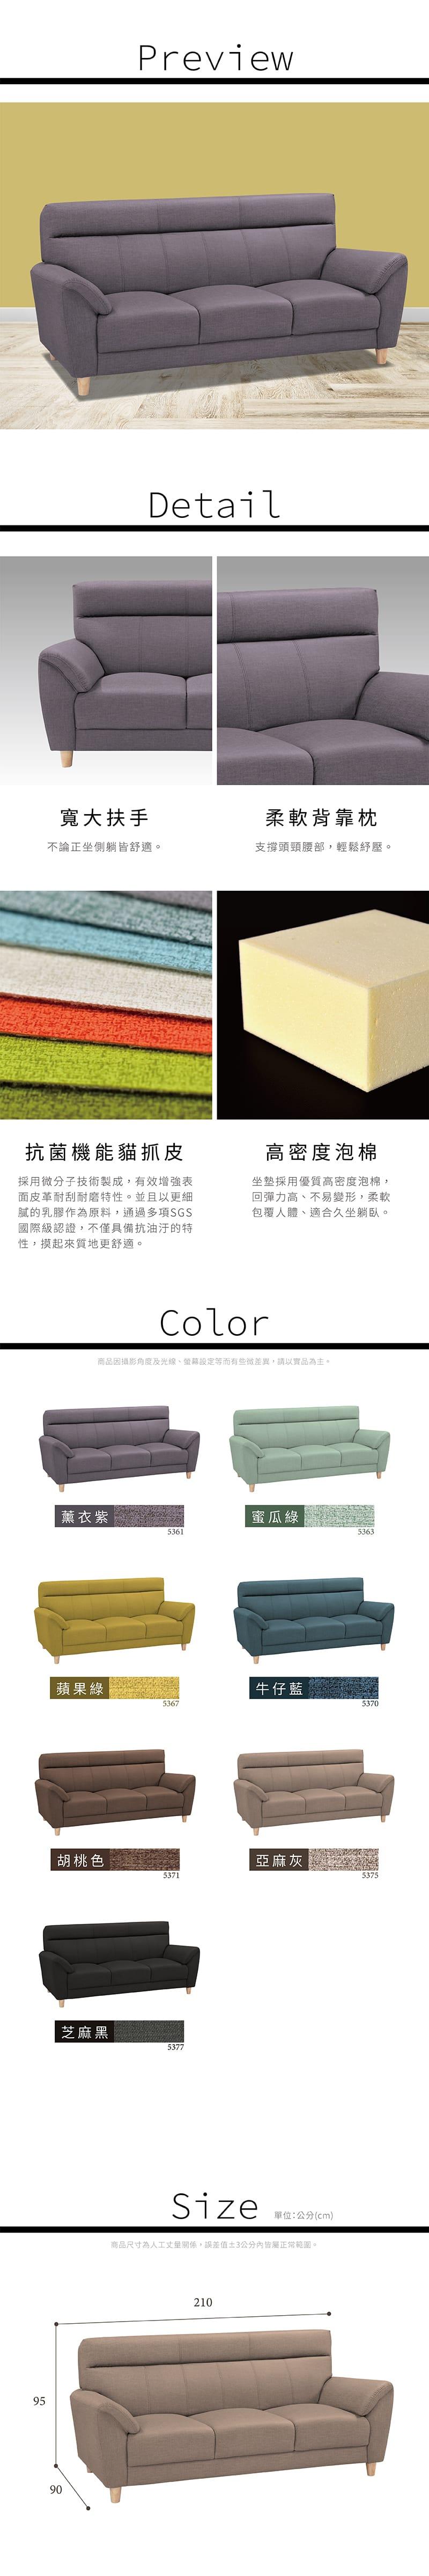 貓抓皮三人沙發(7色可選)【拉巴特】